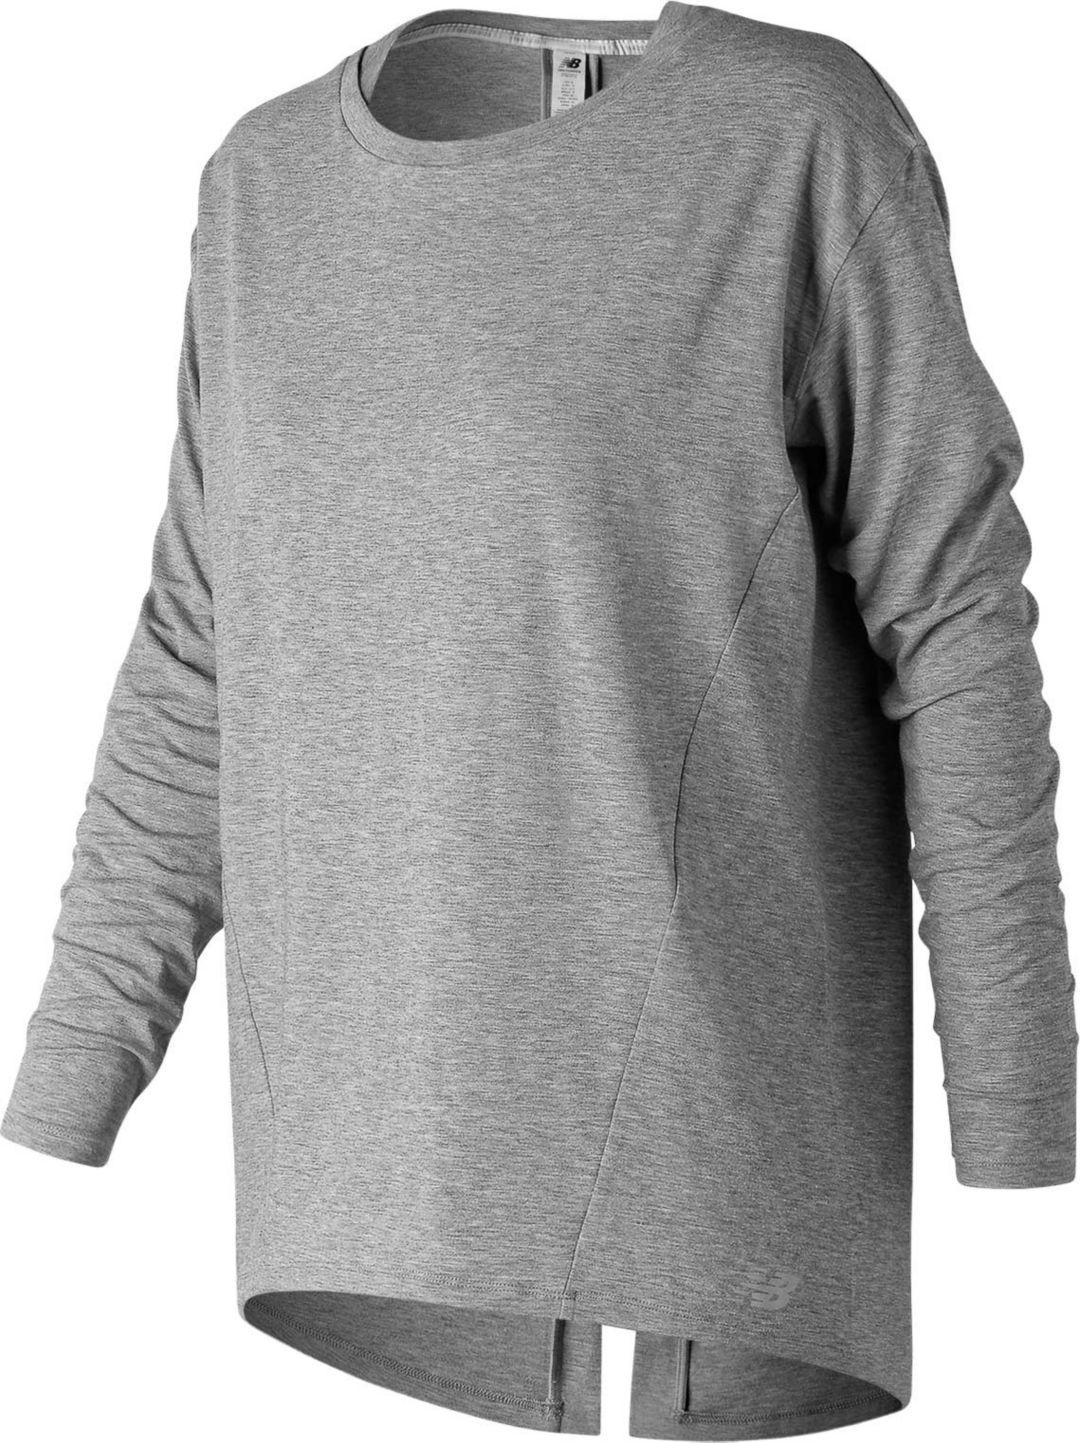 547113d734160 New Balance Women's Studio Relaxed Long Sleeve Shirt. noImageFound. Previous